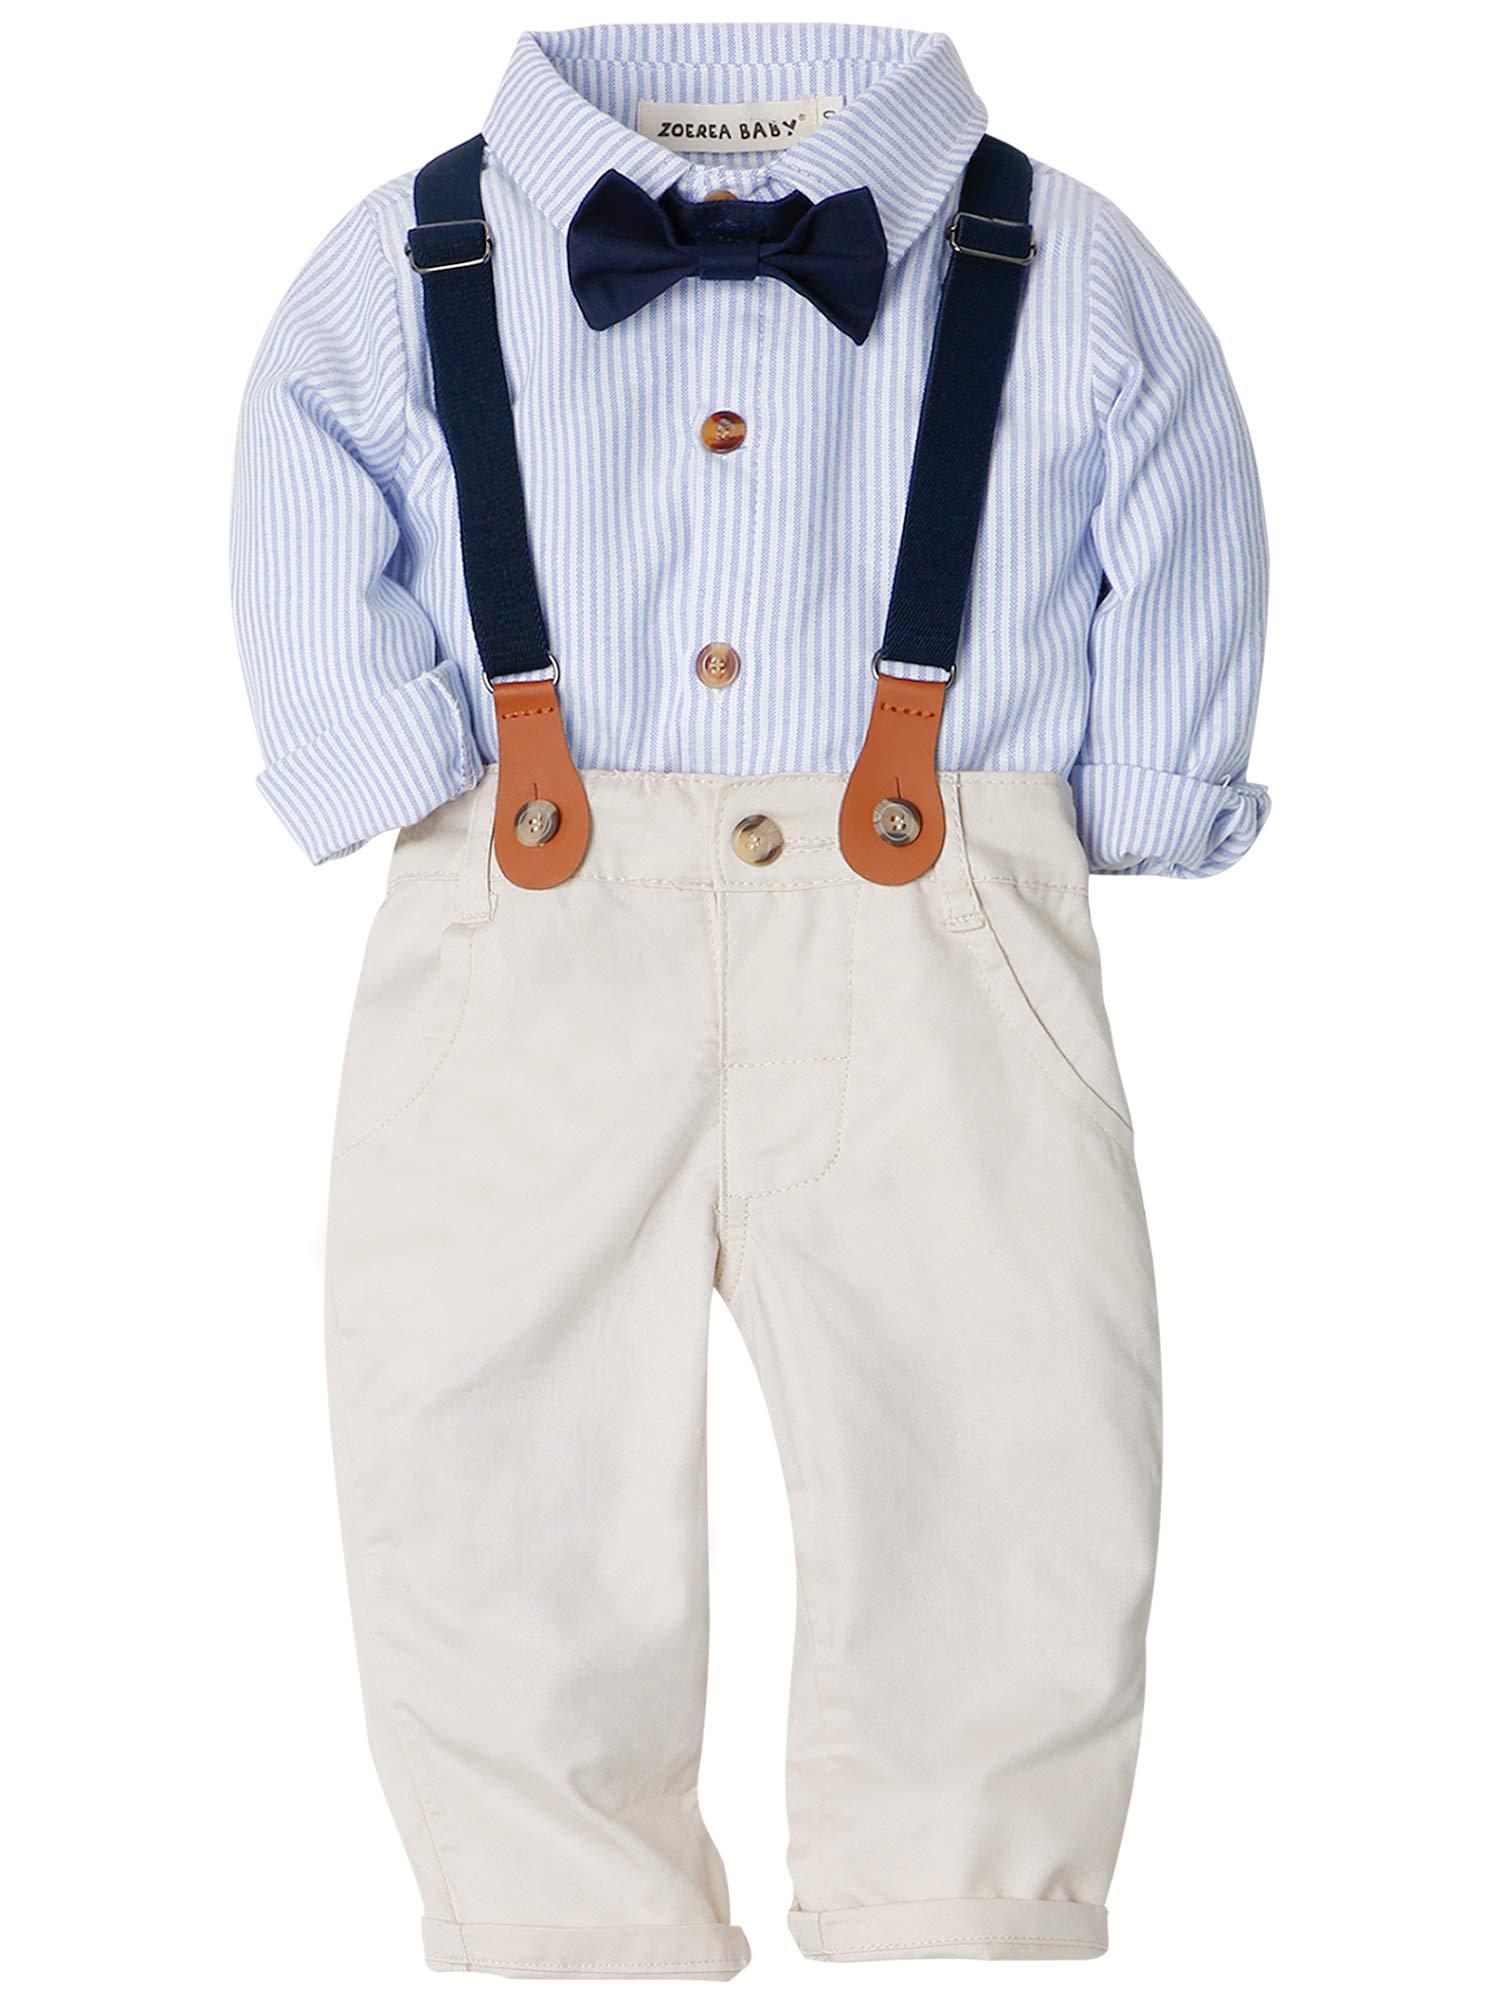 ZOEREA Baby Jungen Gentleman Suit Hosen Hemd Fliege Hosenträger für Weihnachten Hochzeitsfest